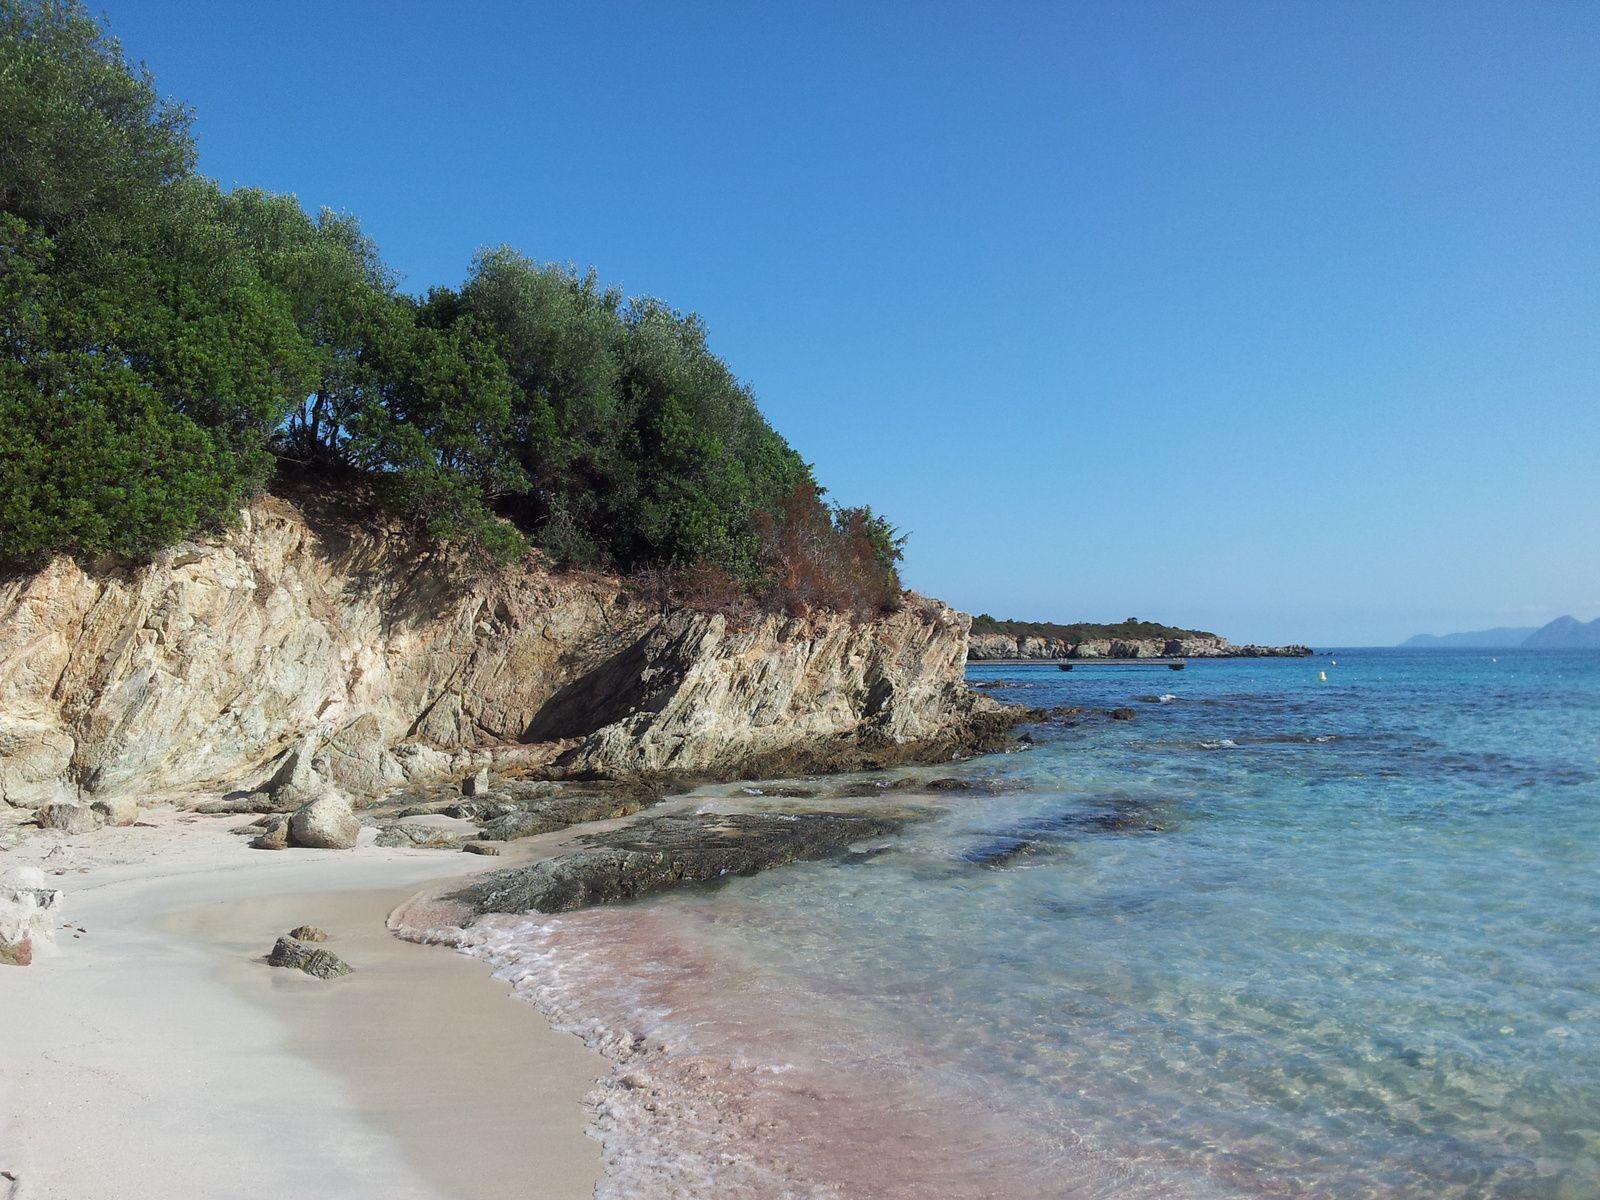 Plage du Lodu, Corse. Août 2013